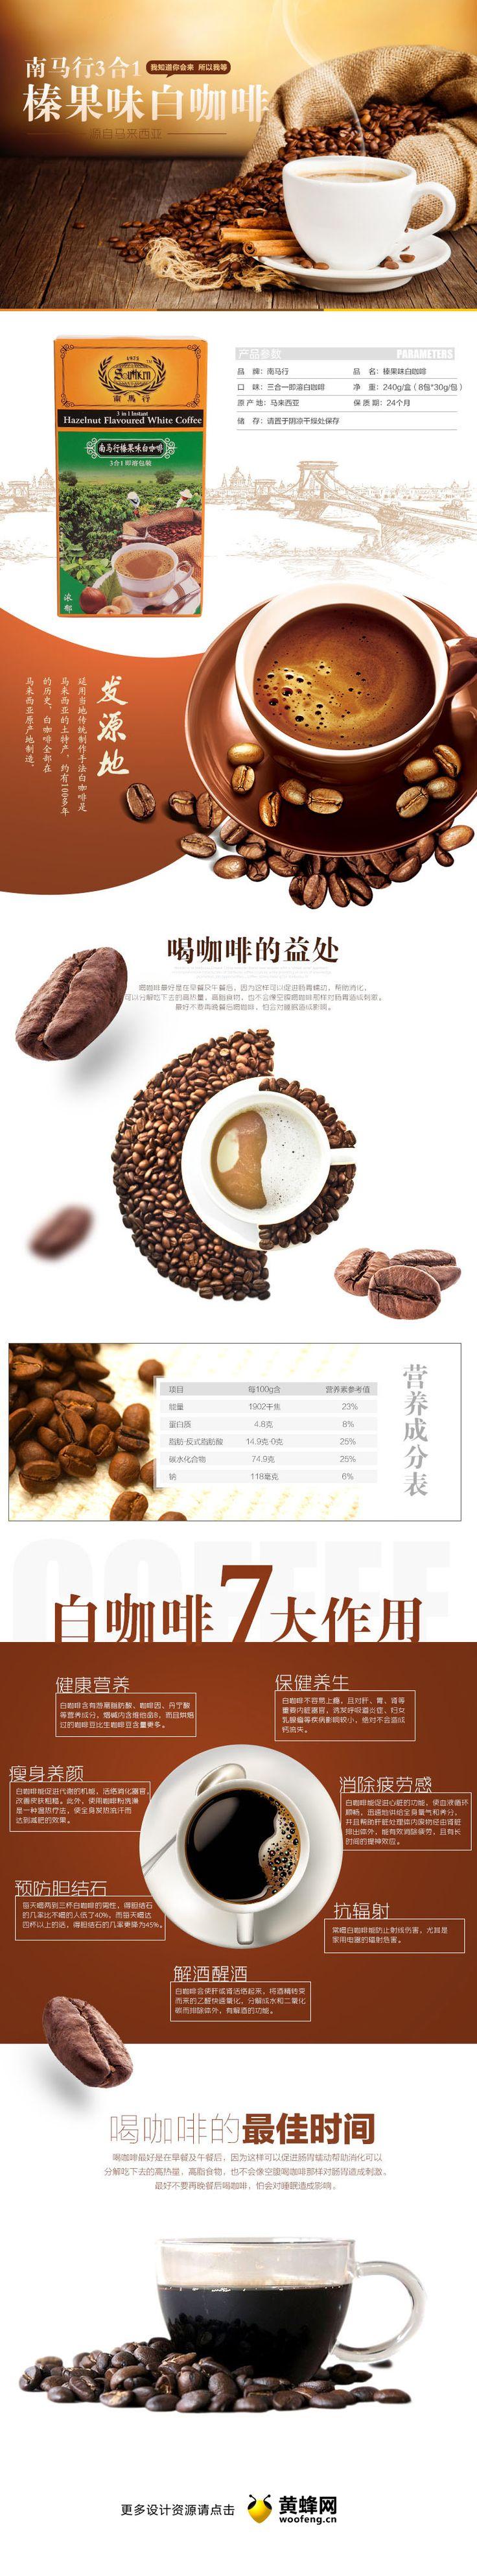 咖啡产品详情页设计,来源自黄蜂网http://woofeng.cn/